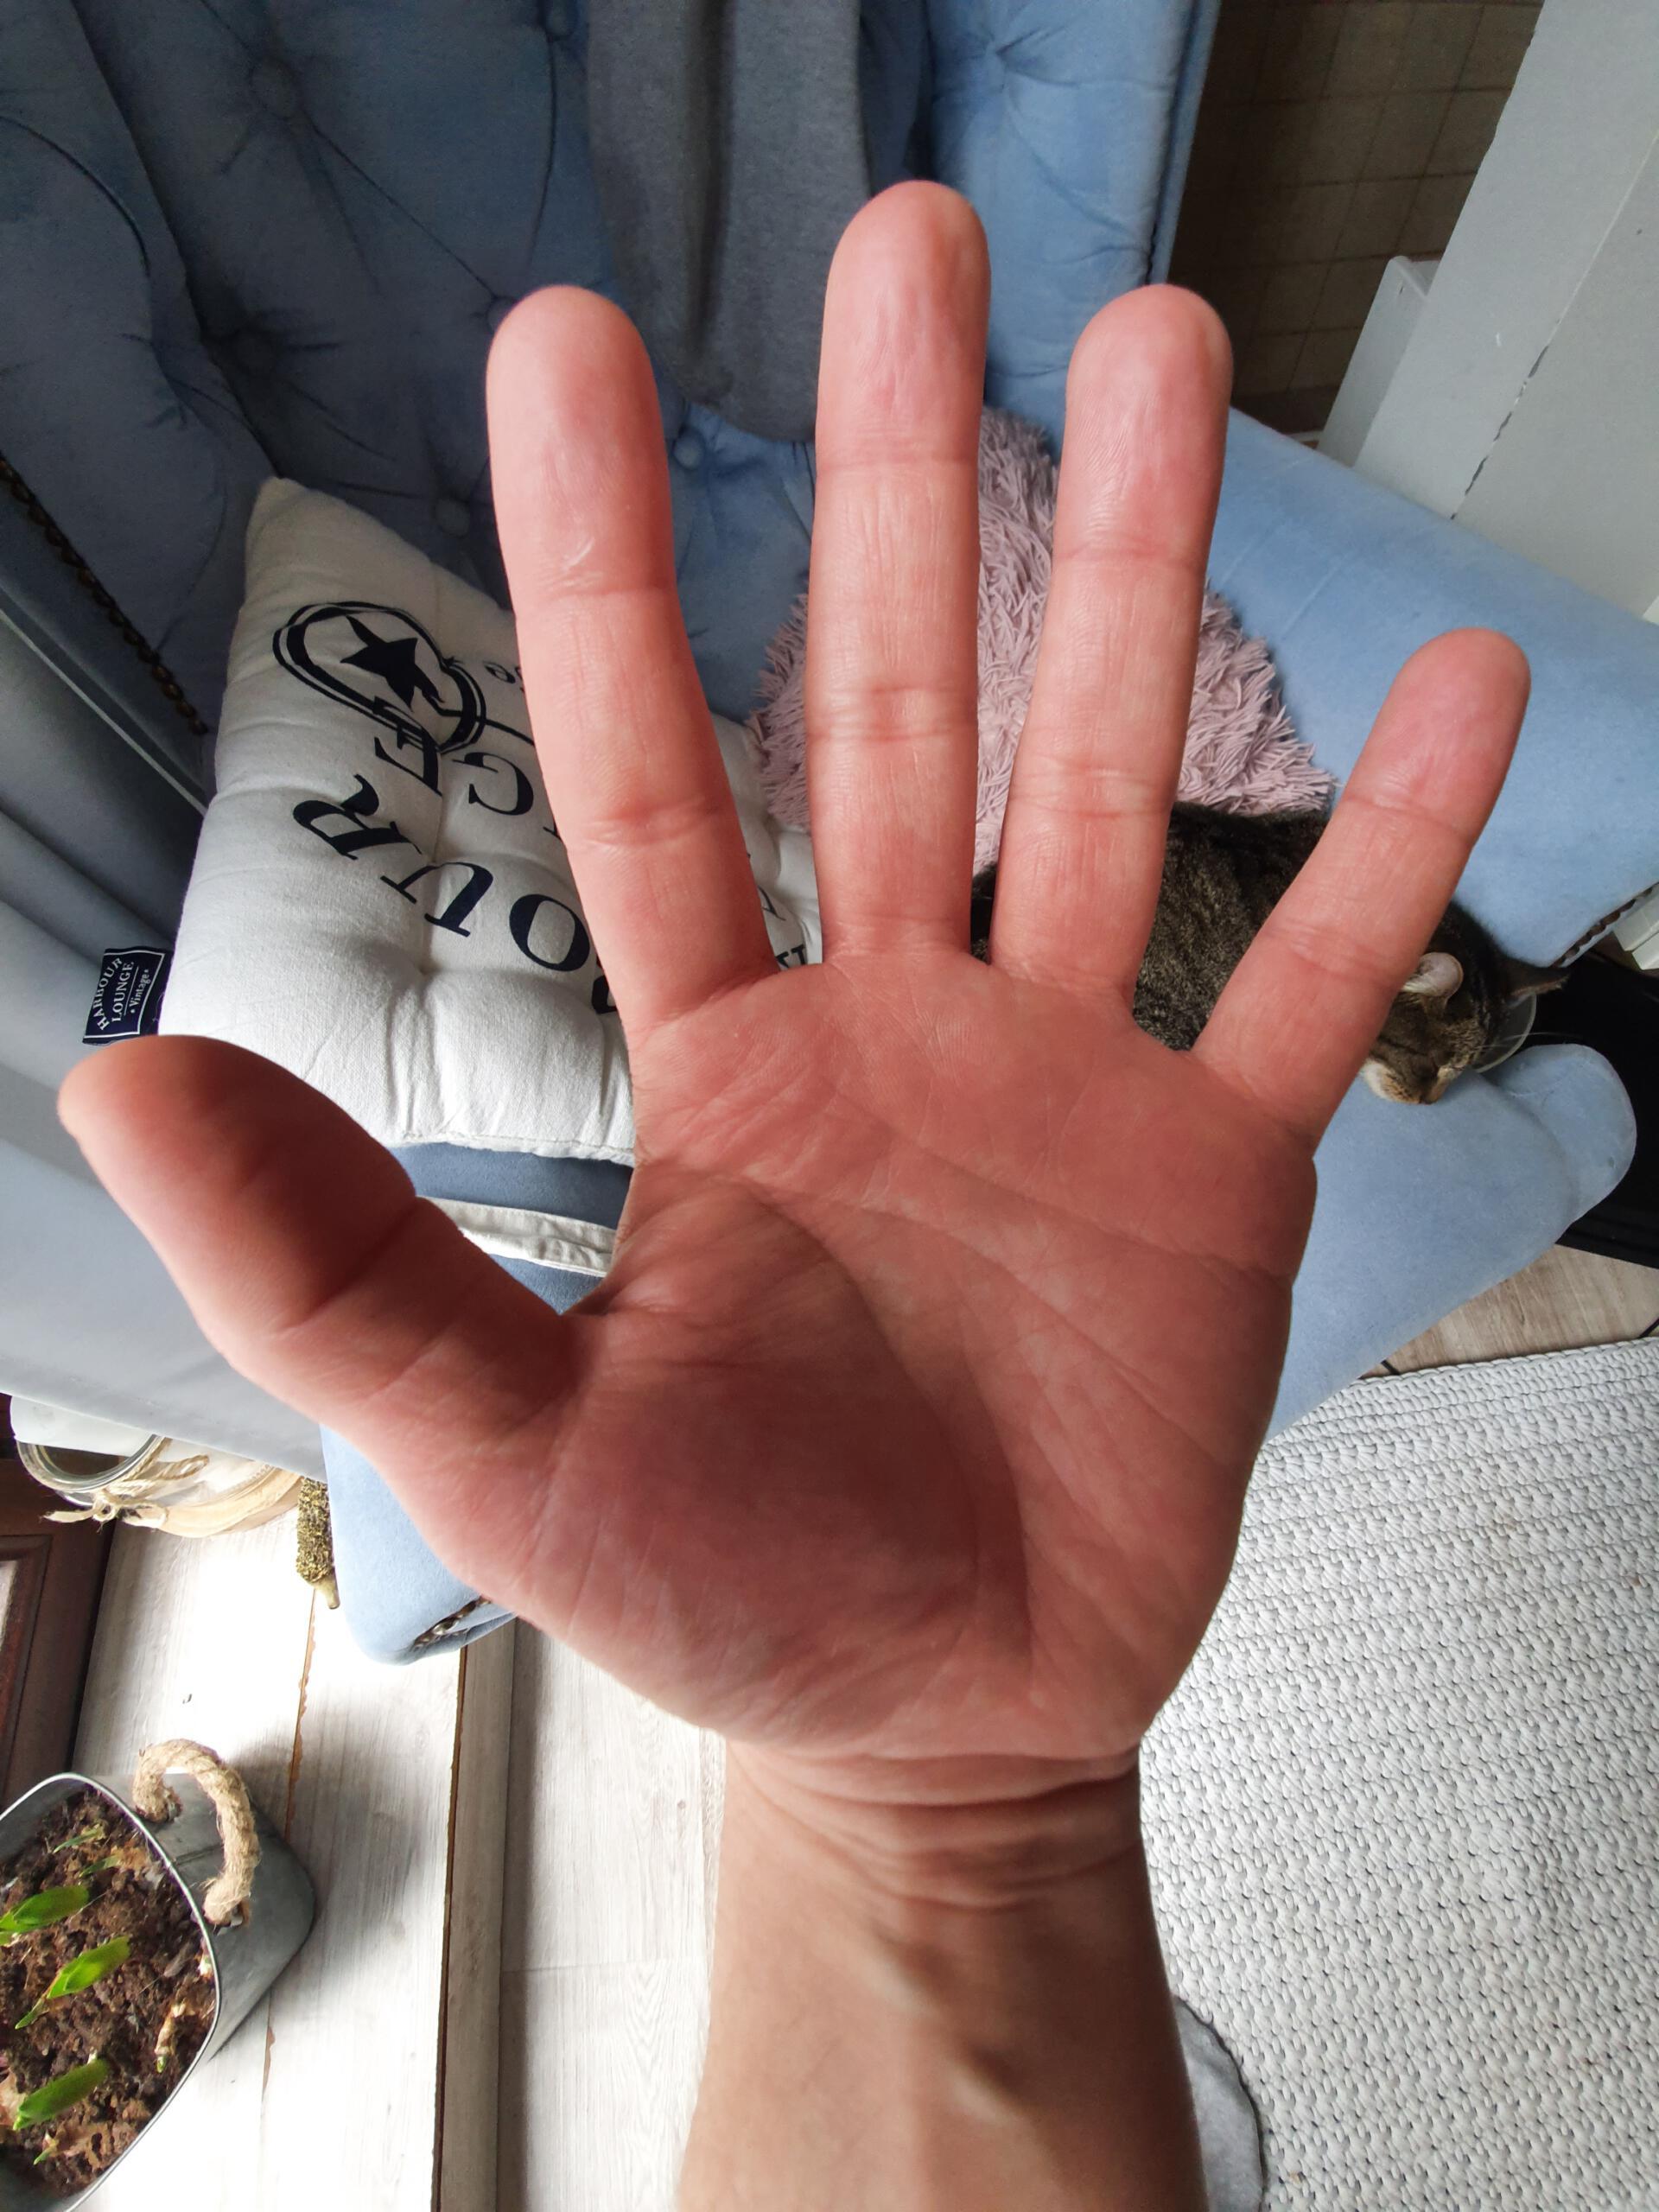 Mycie rąk, żeby być bezpiecznym